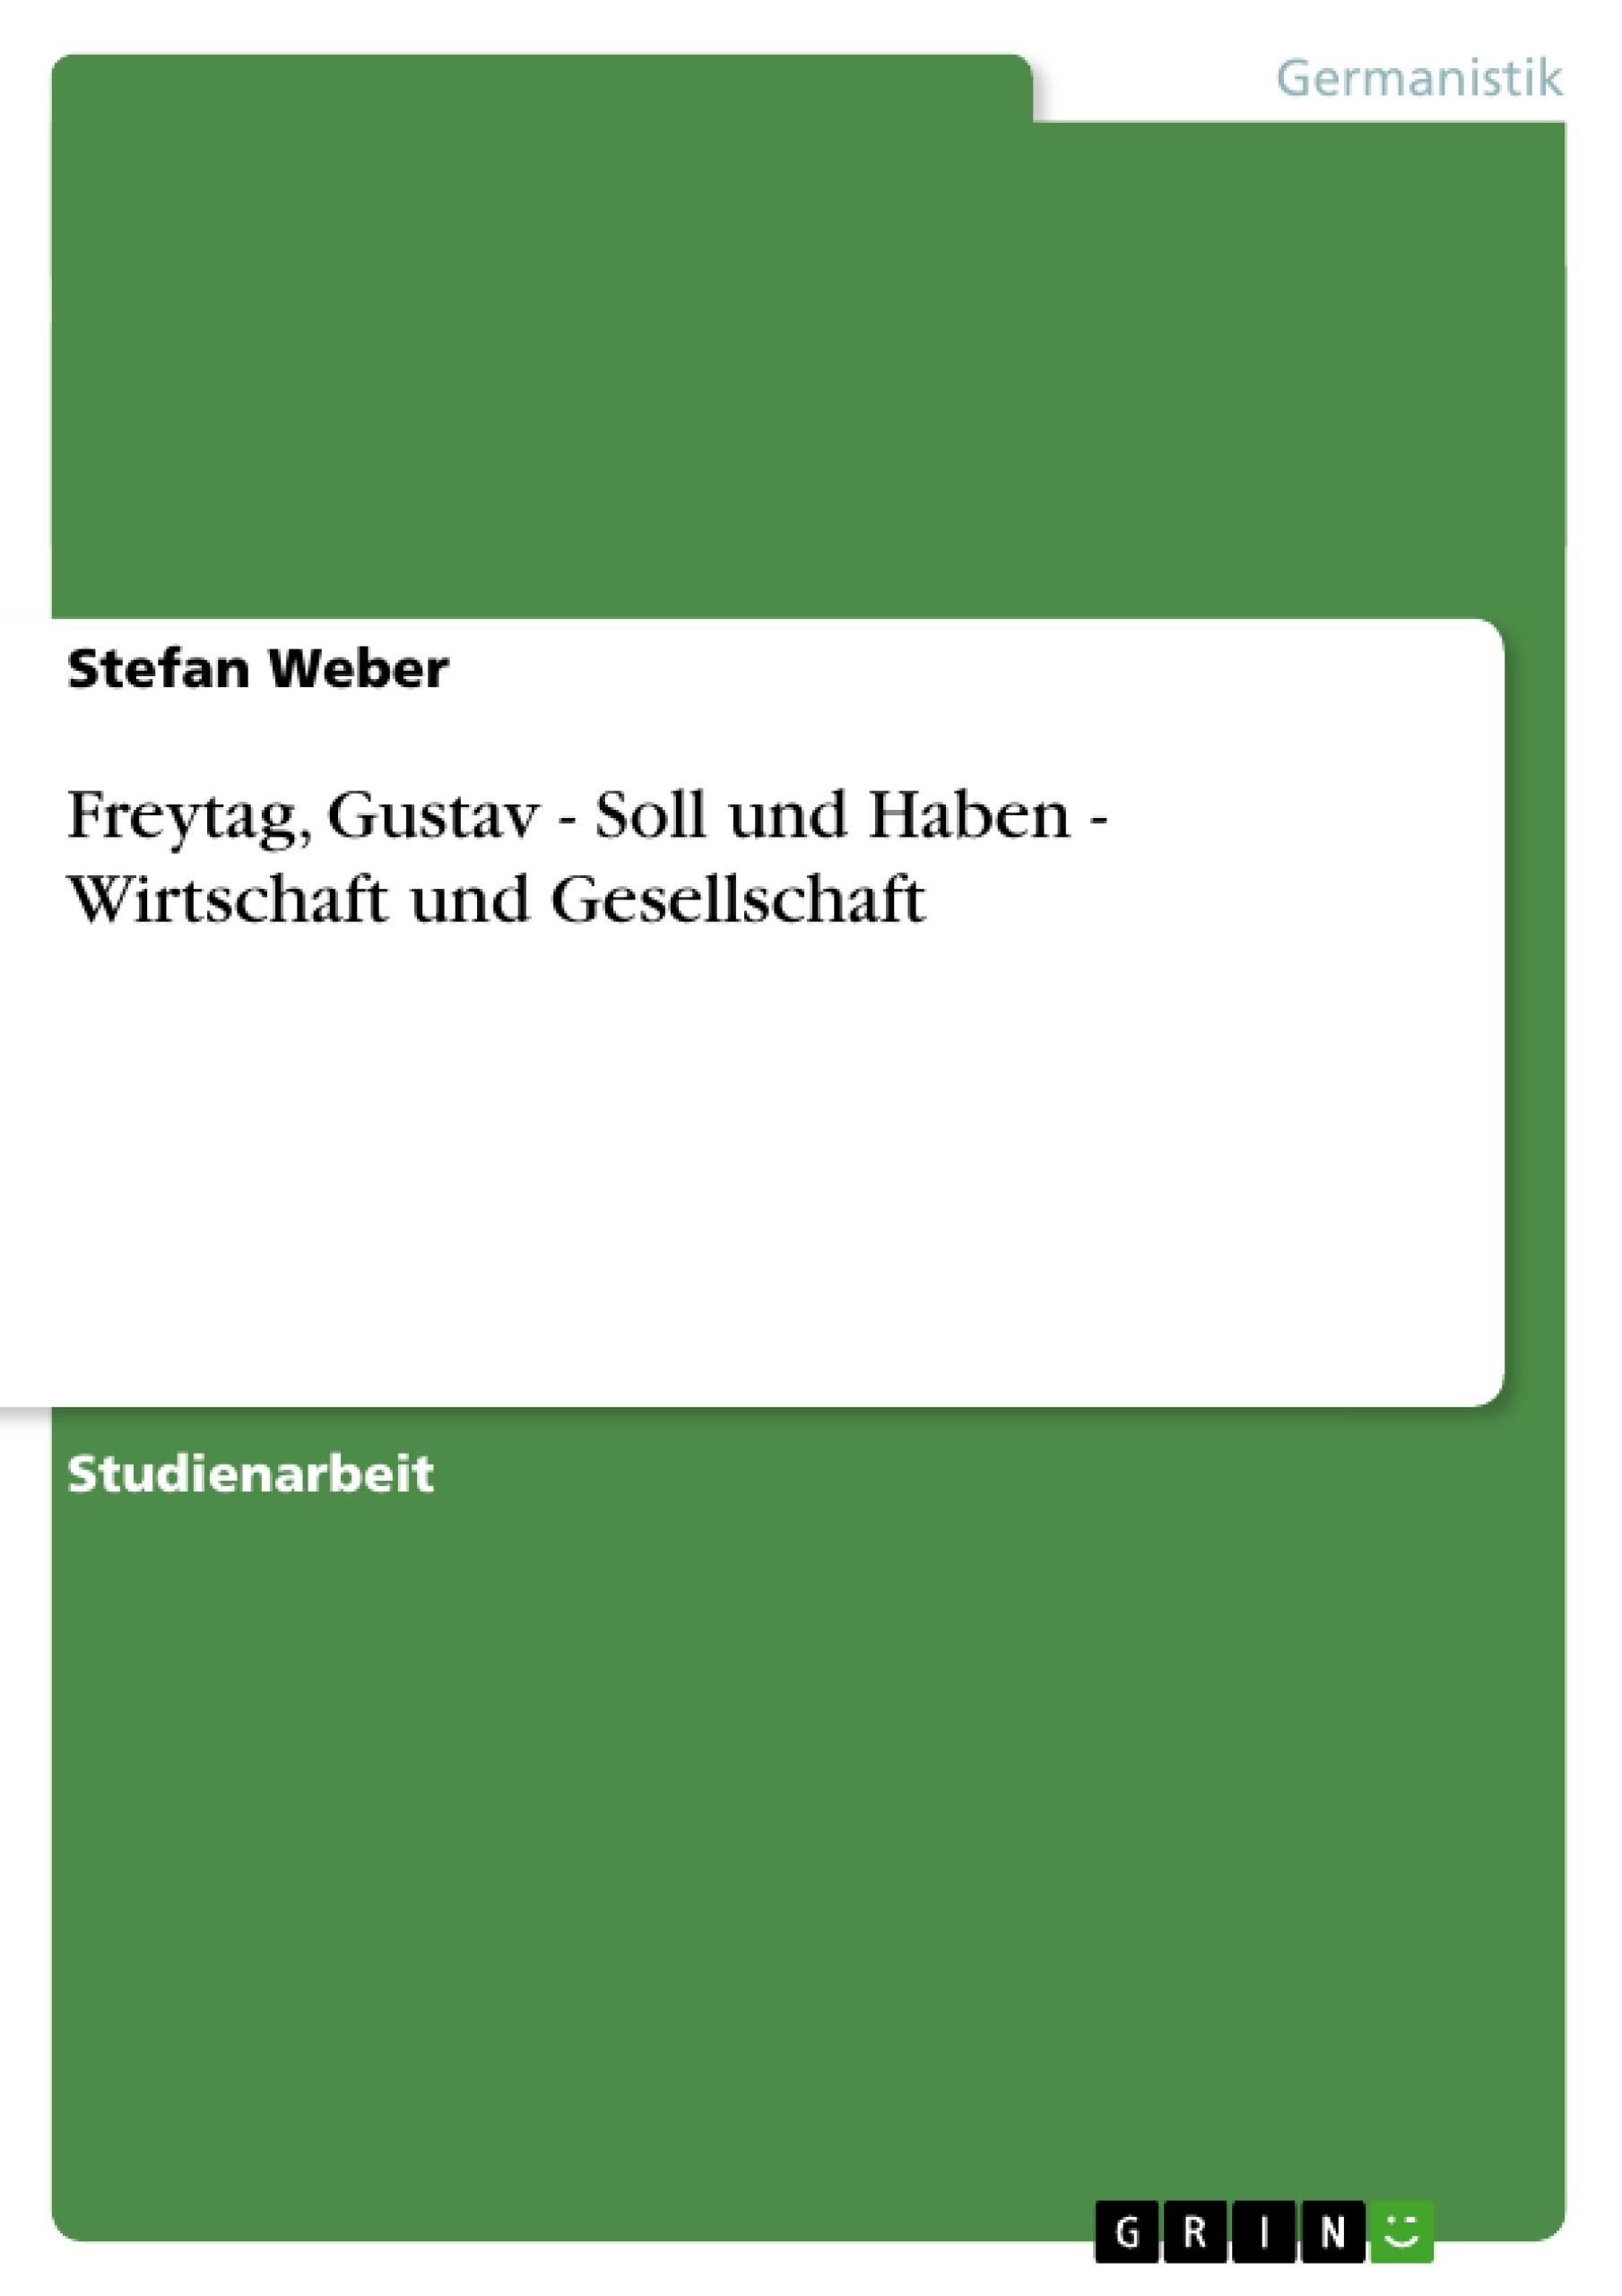 Titel: Freytag, Gustav - Soll und Haben - Wirtschaft und Gesellschaft